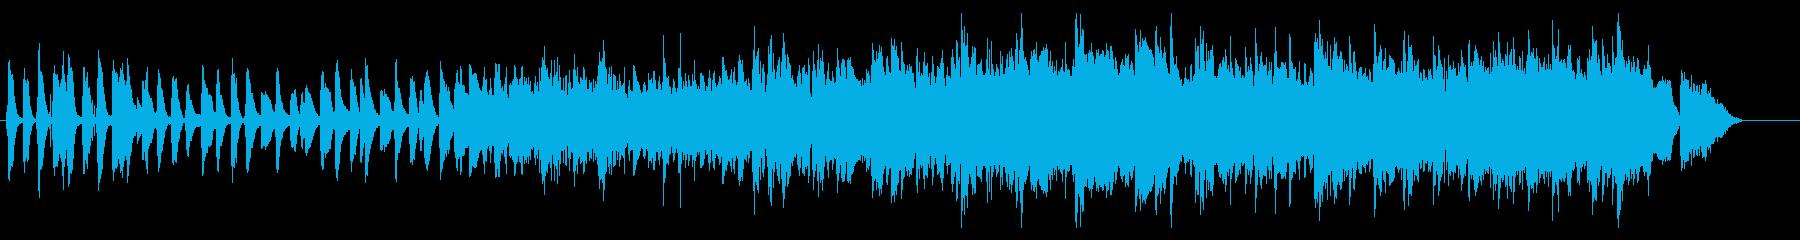 かわいい・ノスタルジック・ピアノ・オケの再生済みの波形